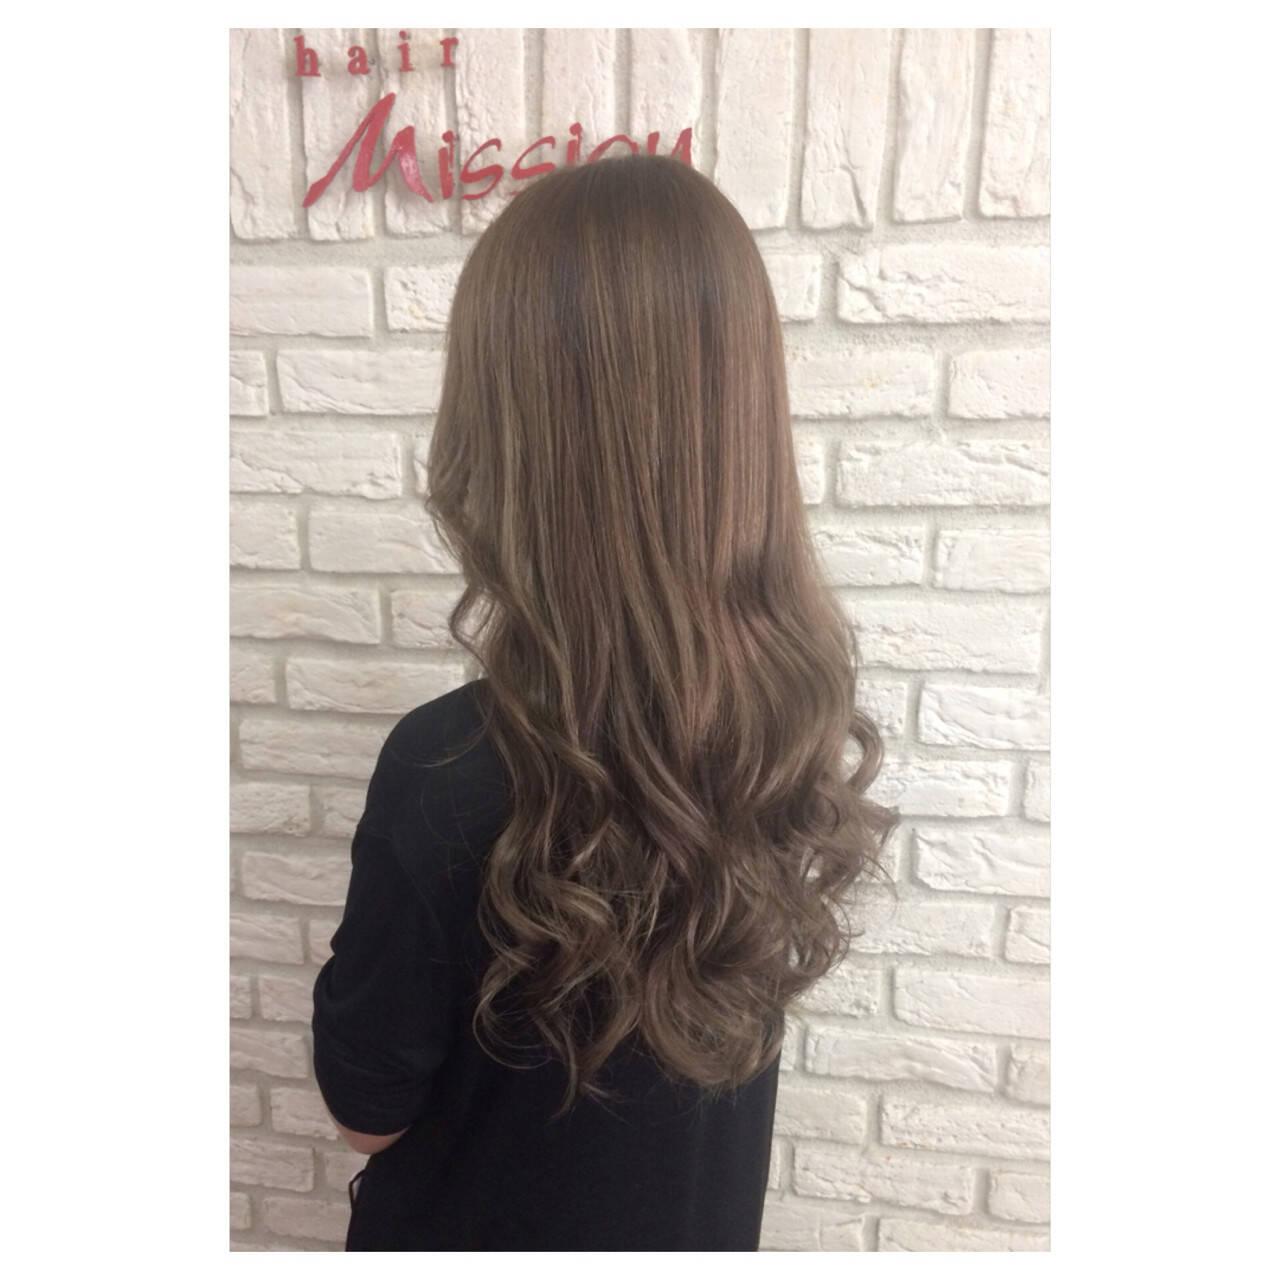 ベージュ ストリート ロング ブラウンヘアスタイルや髪型の写真・画像